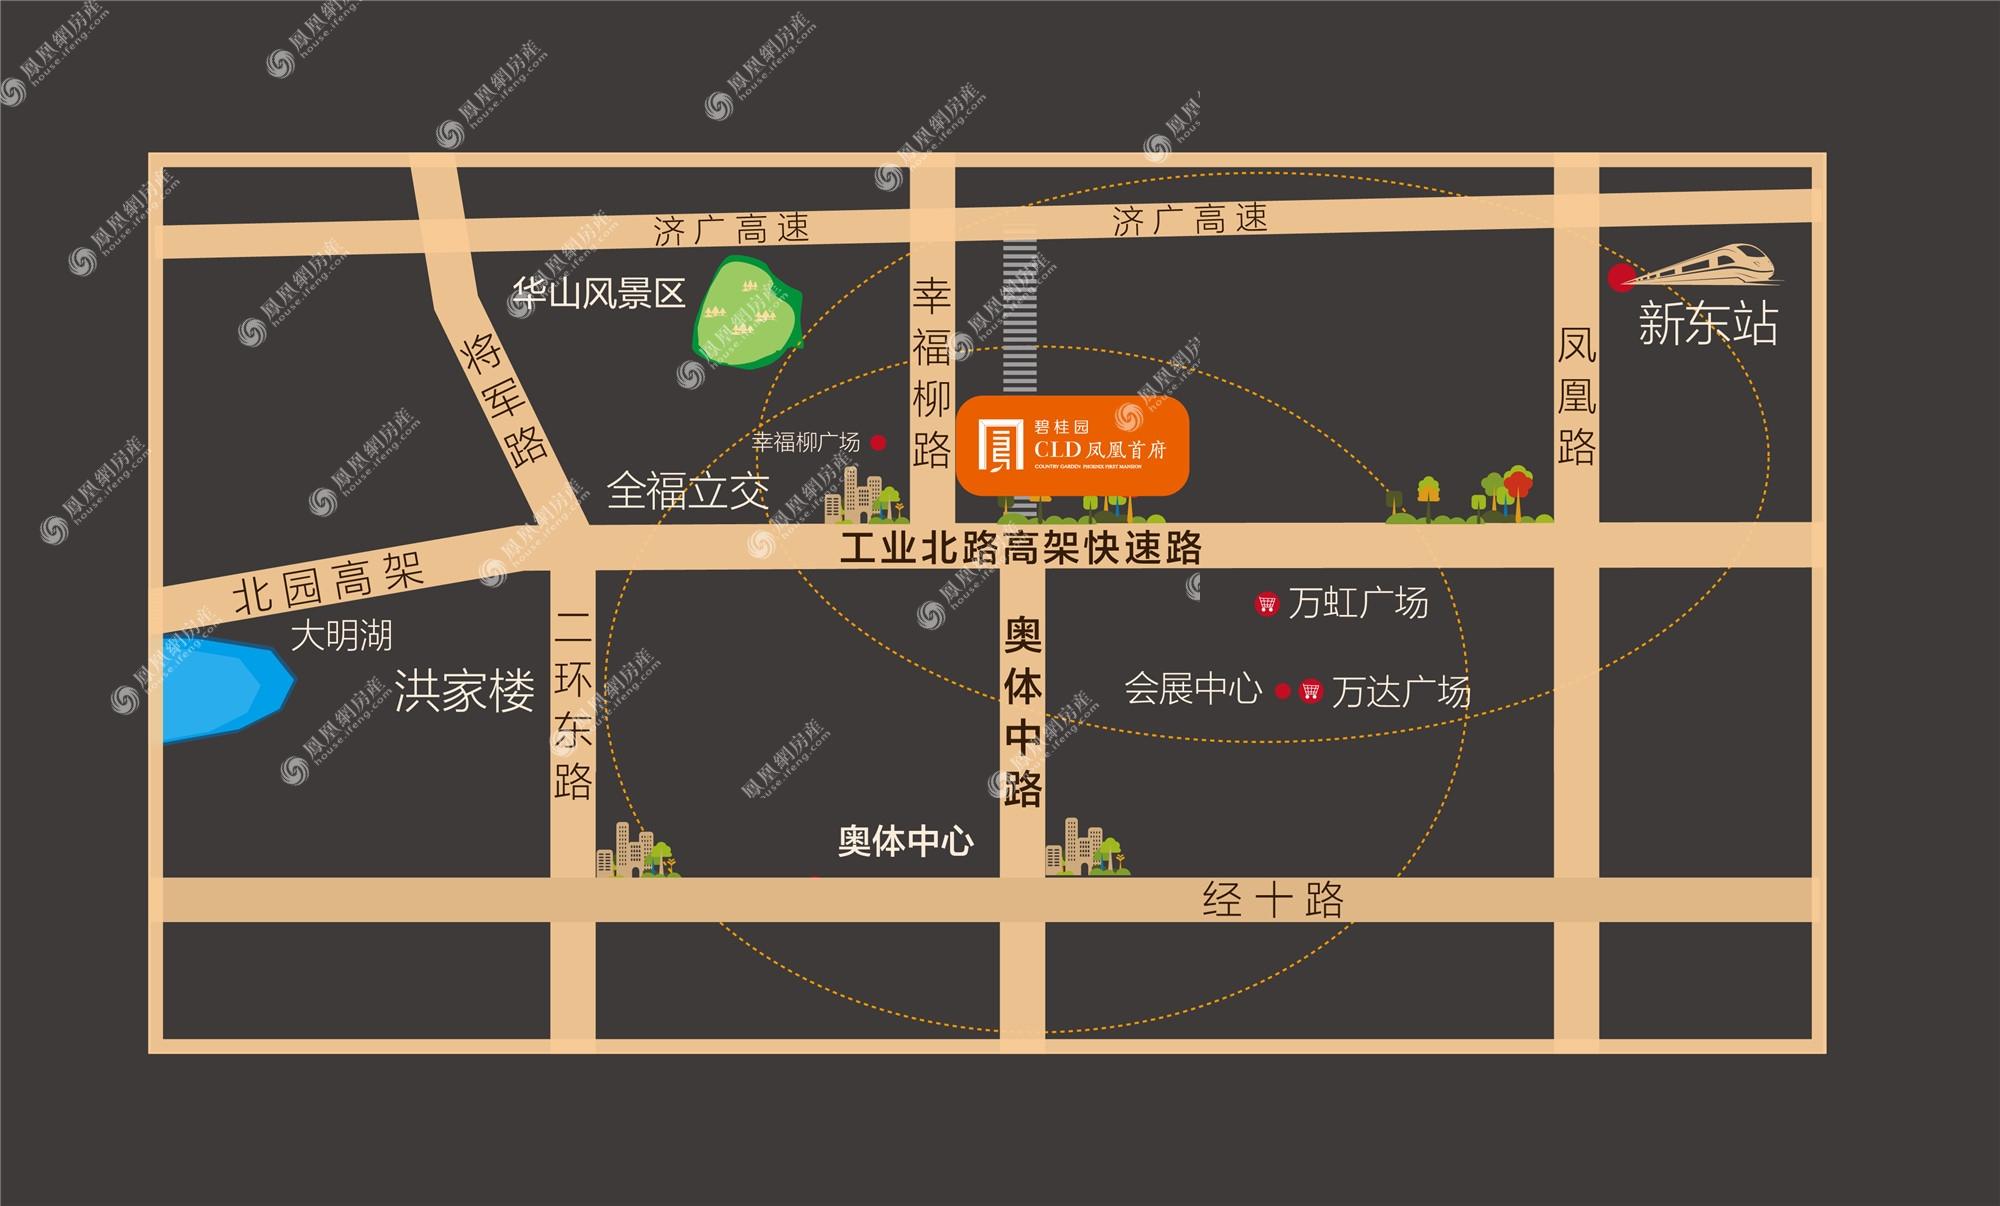 碧桂园 ·CLD凤凰首府规划图